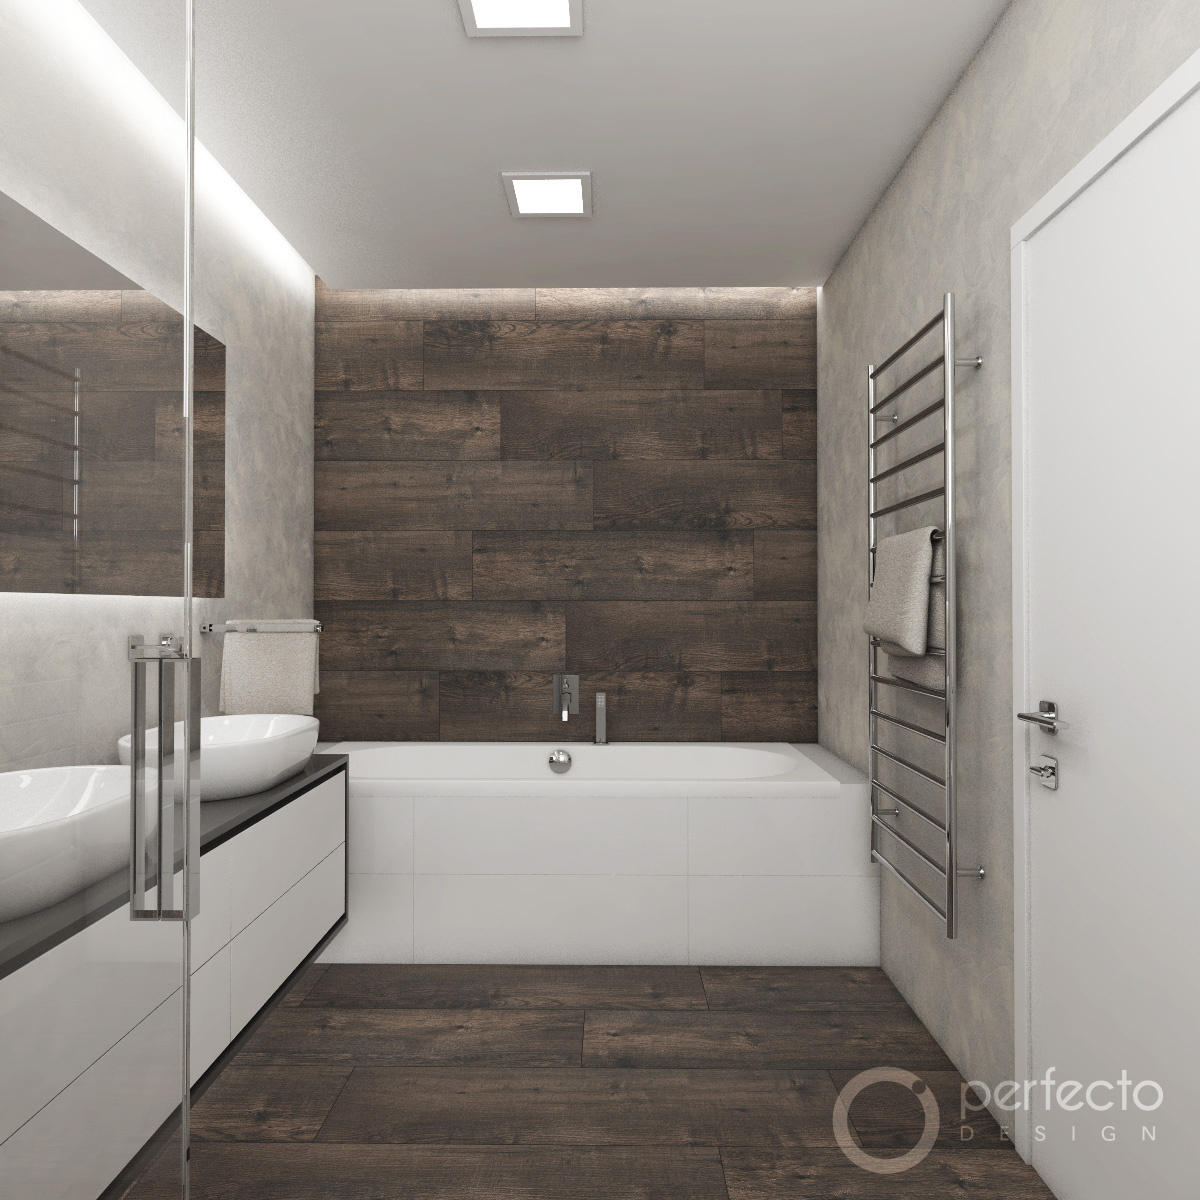 moderne badezimmer musk perfecto design. Black Bedroom Furniture Sets. Home Design Ideas